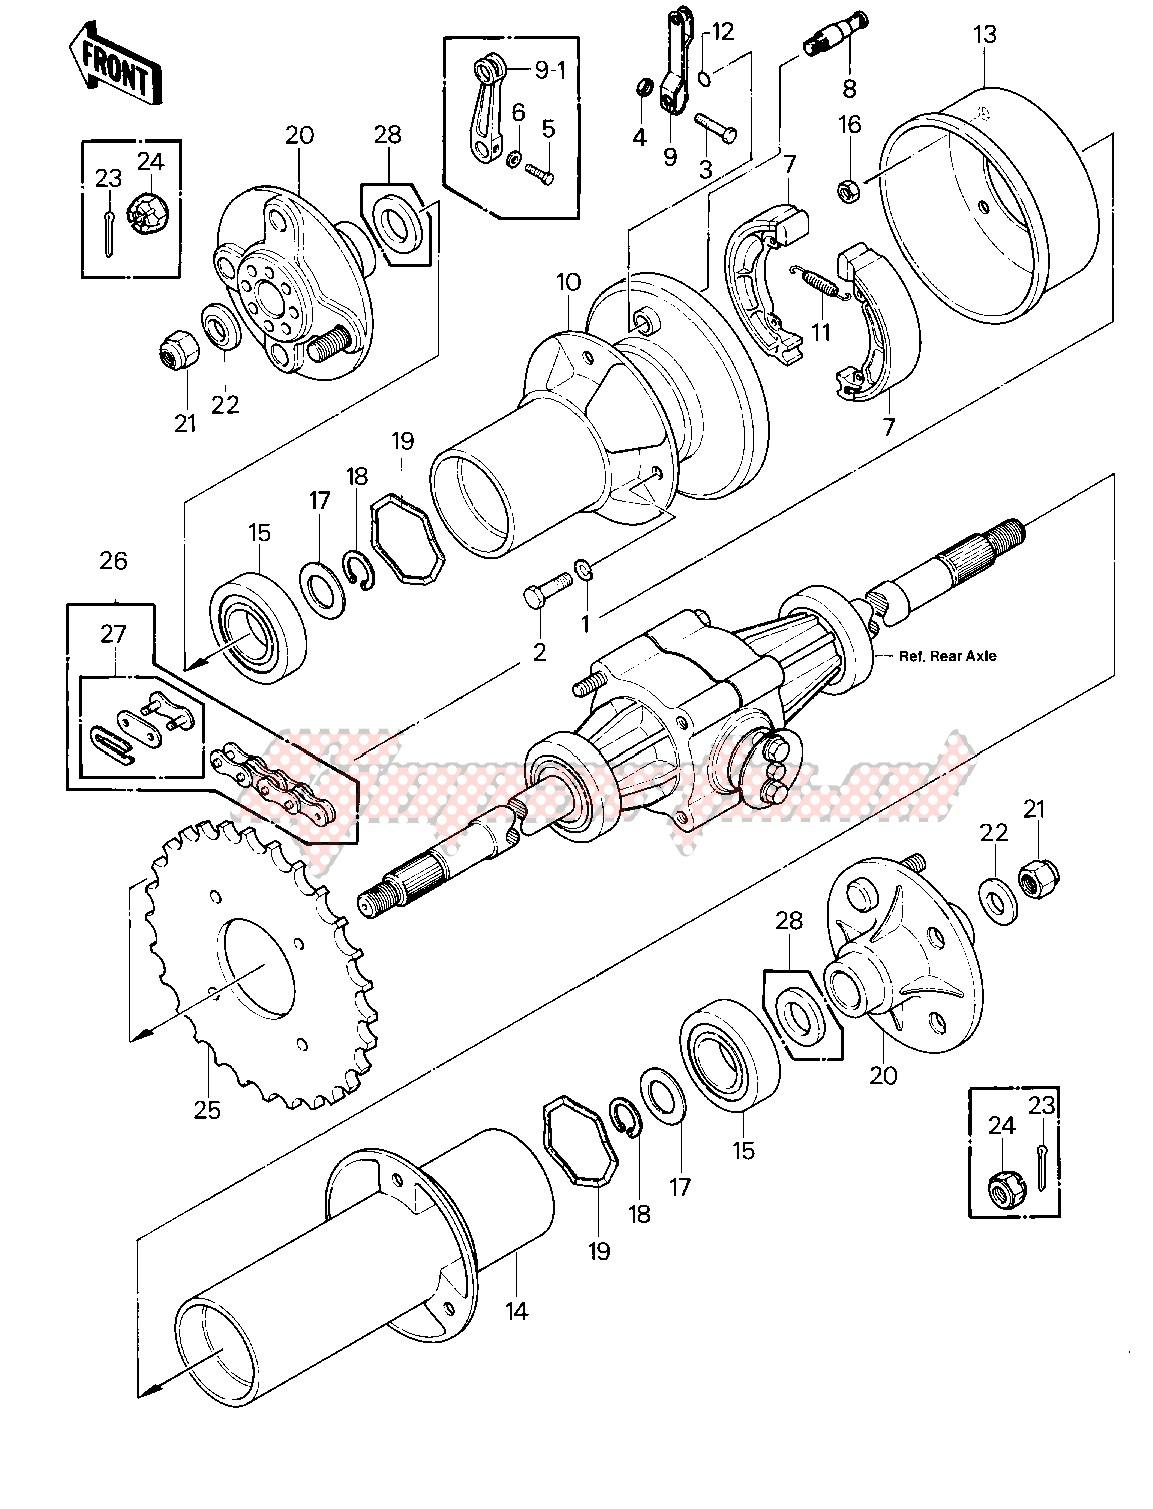 REAR BRAKE_CHAIN -- 81-82 KLT200-A1_A2_A3- - image